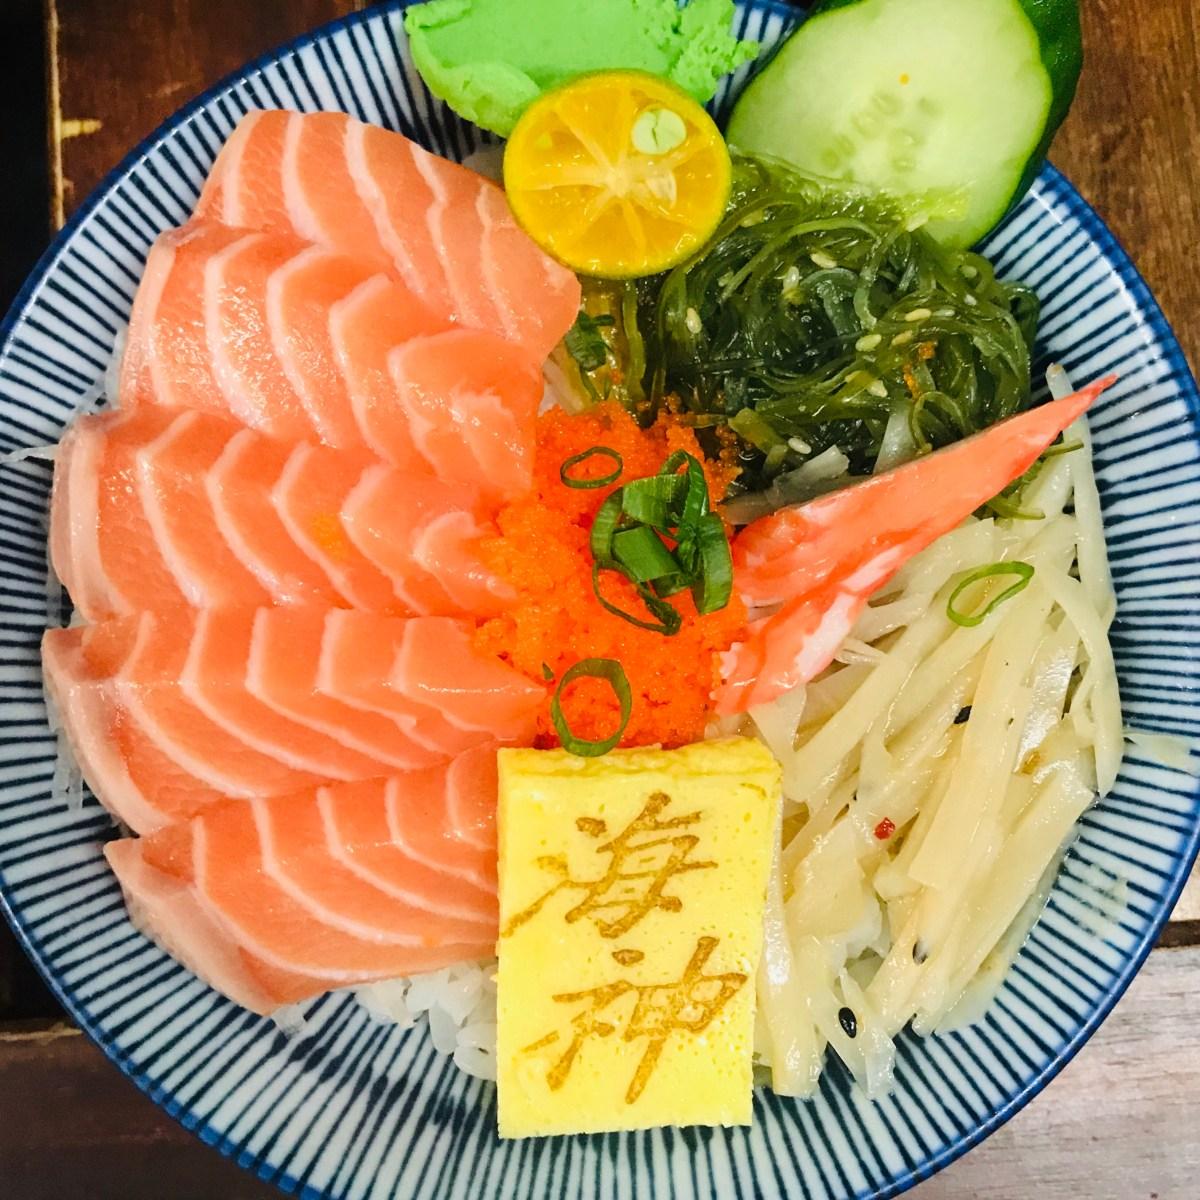 |FOOD |新竹東門市場 平價生魚片海神 – Cathy's Daily|凱西の日常